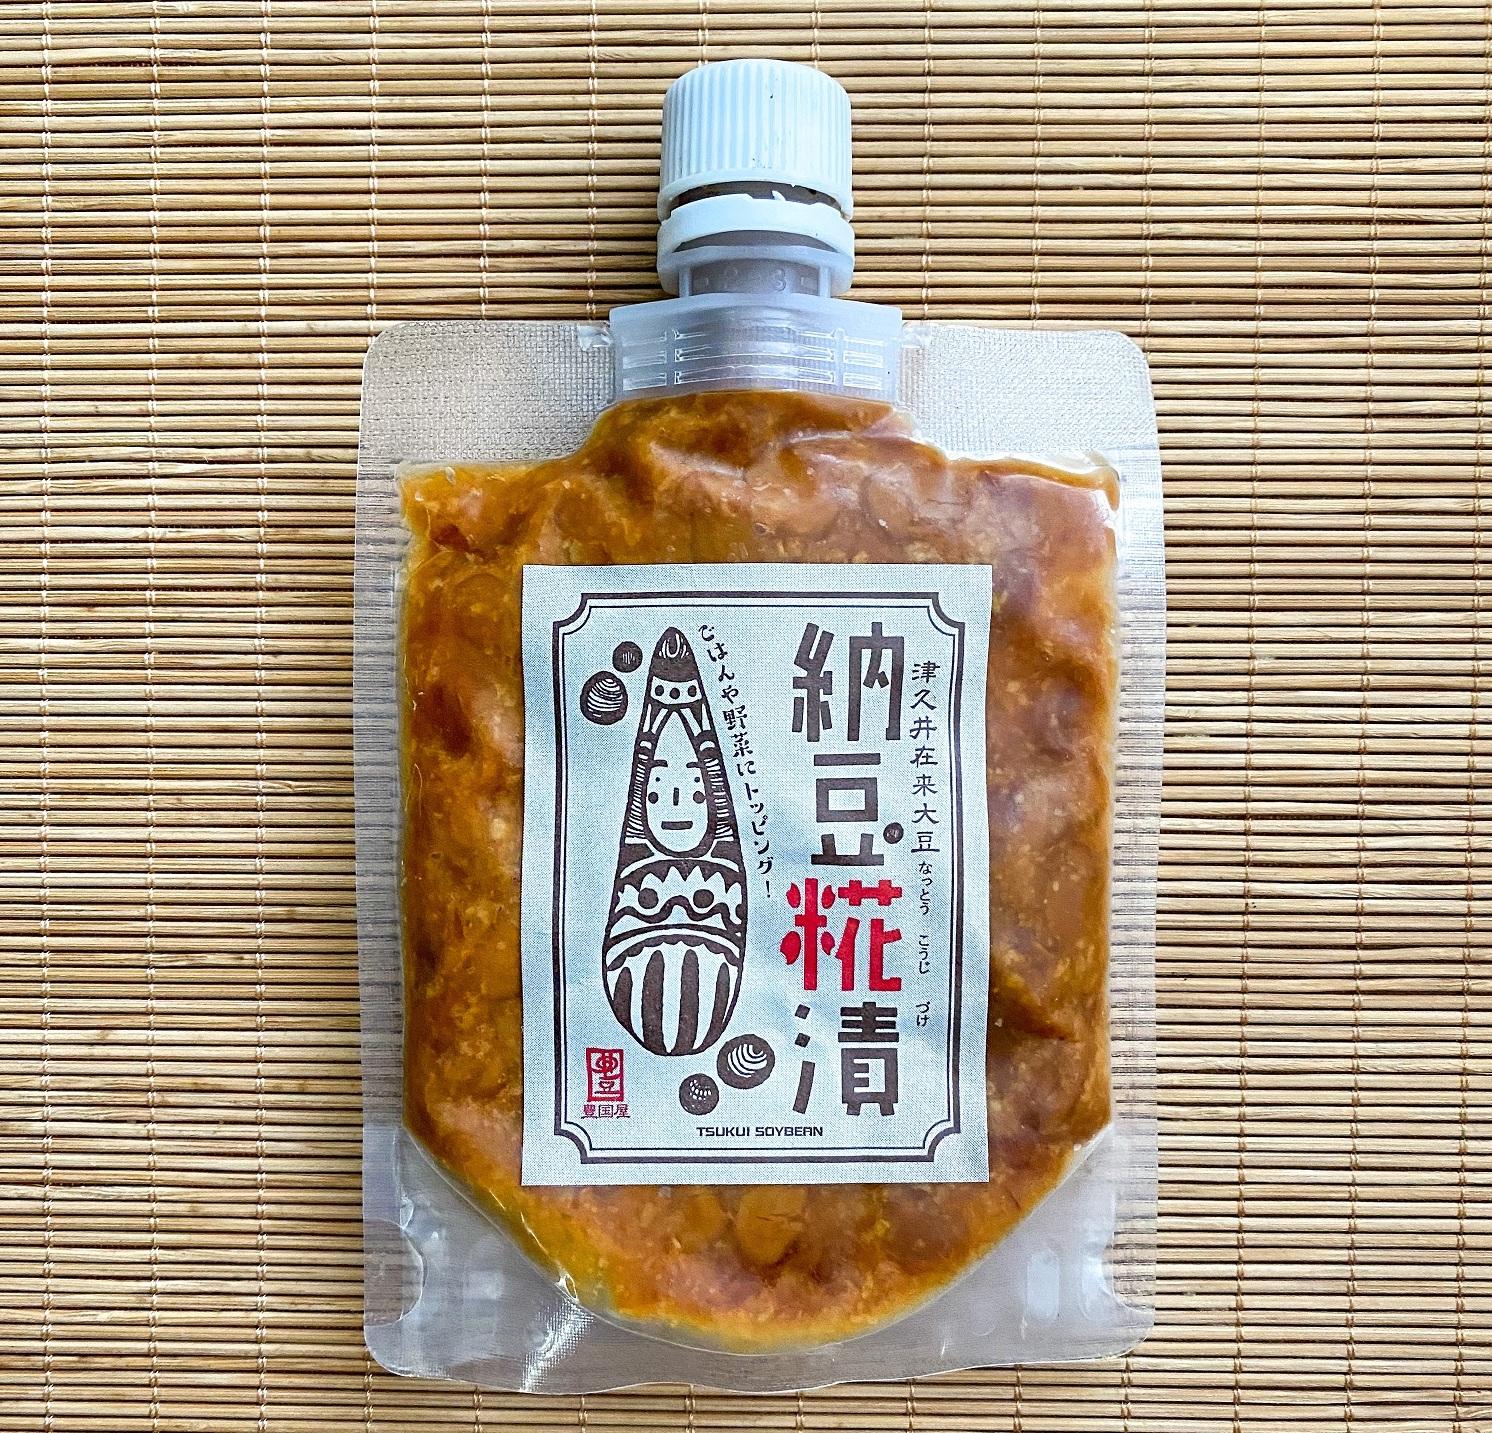 Natto koji1.jpg